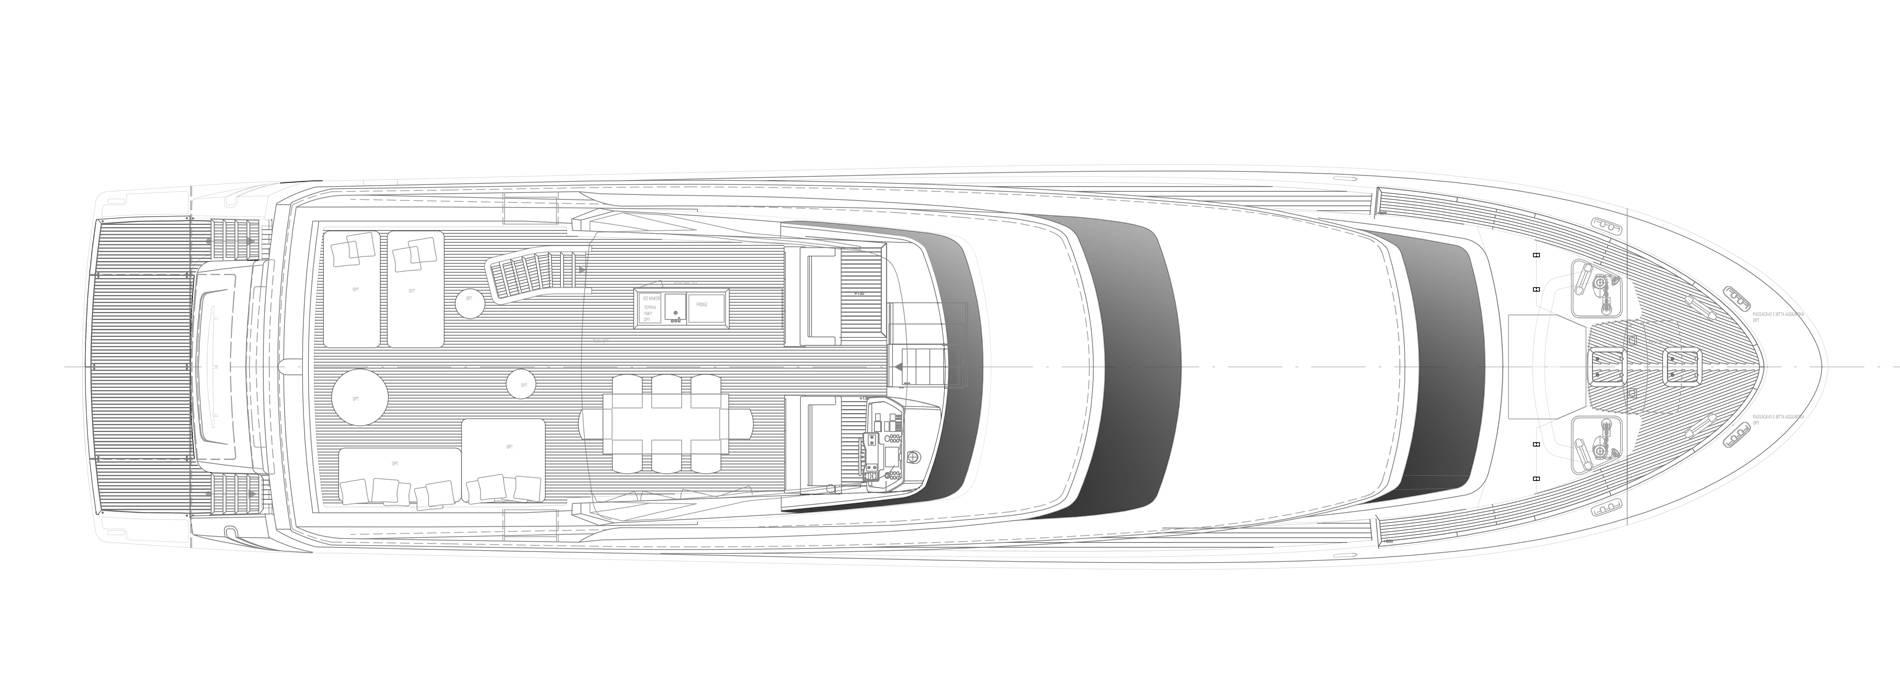 Sanlorenzo Yachts SL96-631 under offer Flying bridge